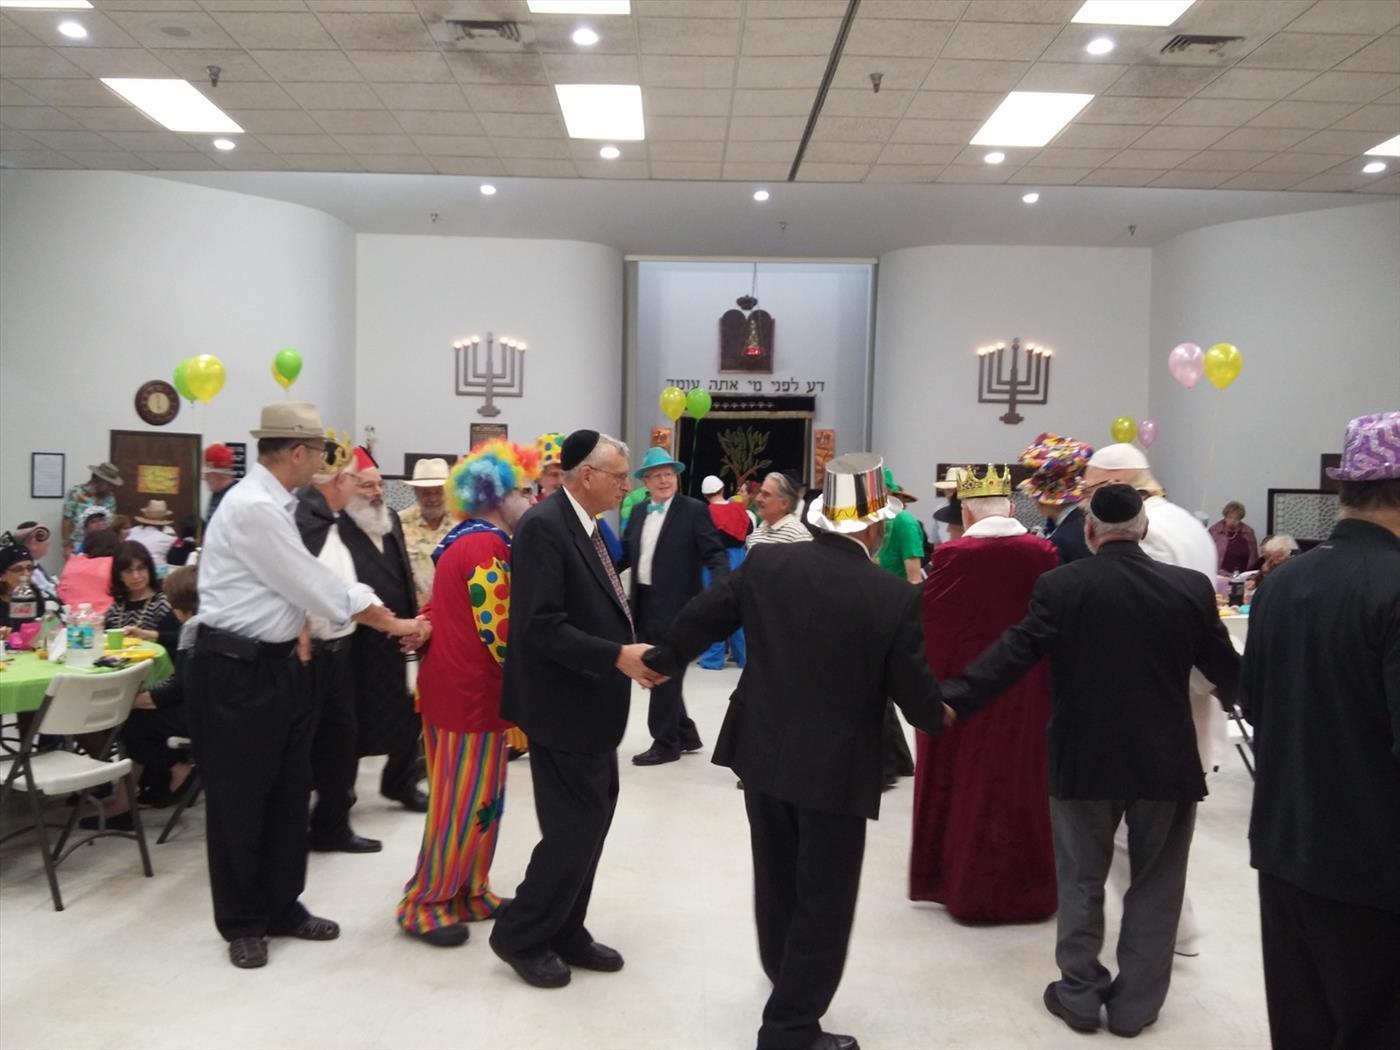 חגיגות פורים בבית הכנסת עץ החיים בפלורידה (שירה יחימוביץ' tps)